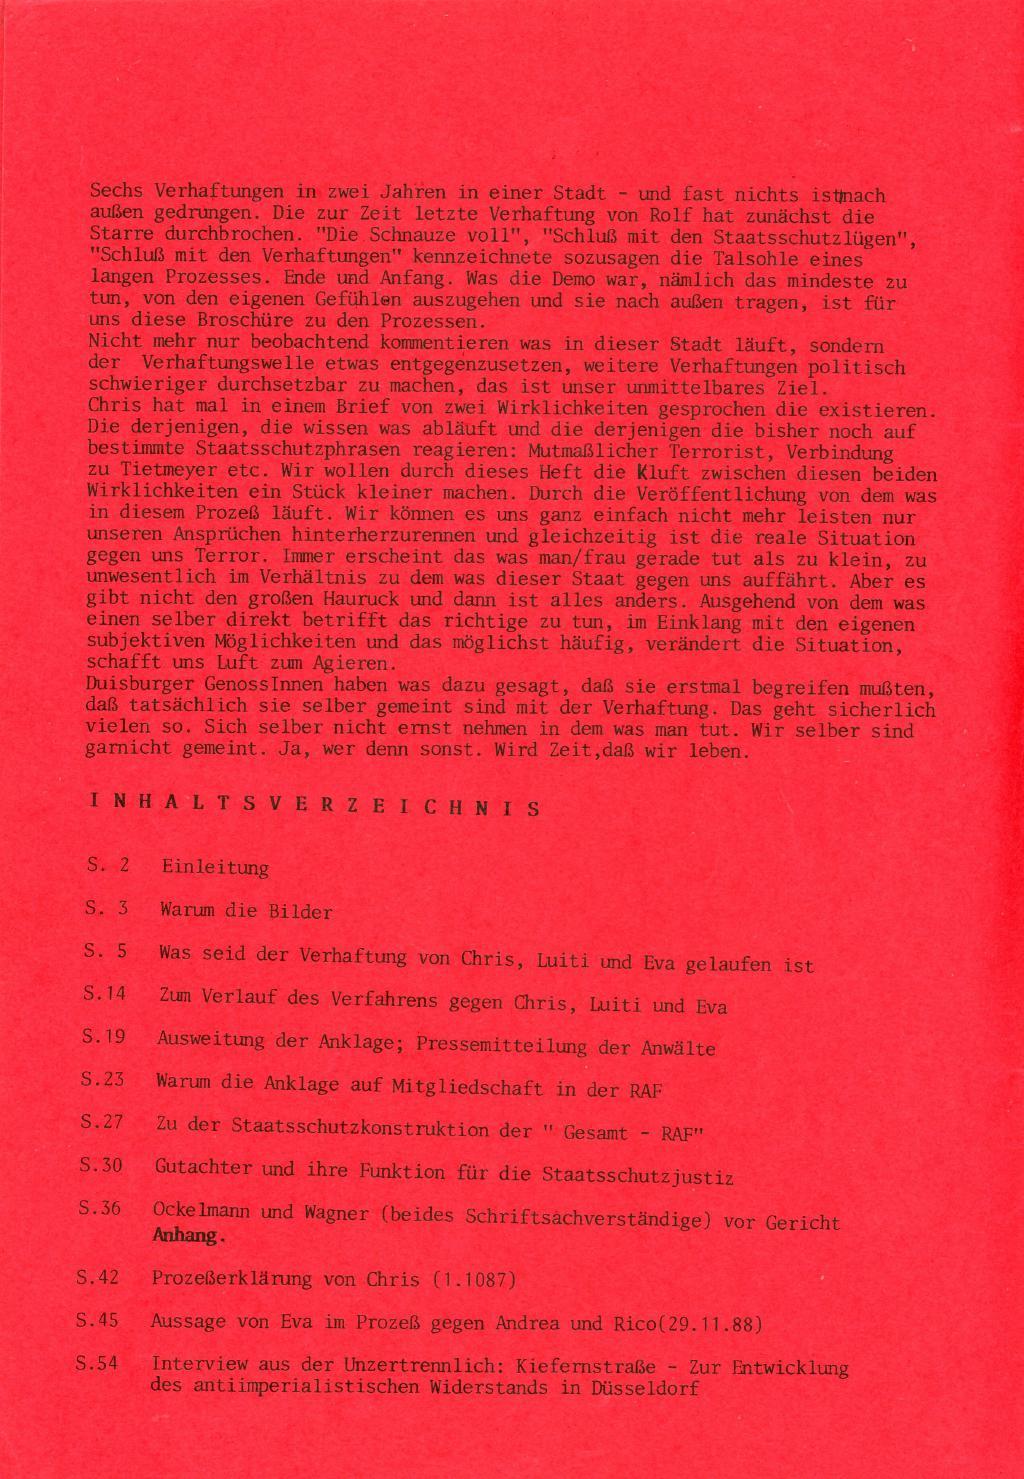 Duesseldorf_1989_Sechs_Politische_Gefangene_002